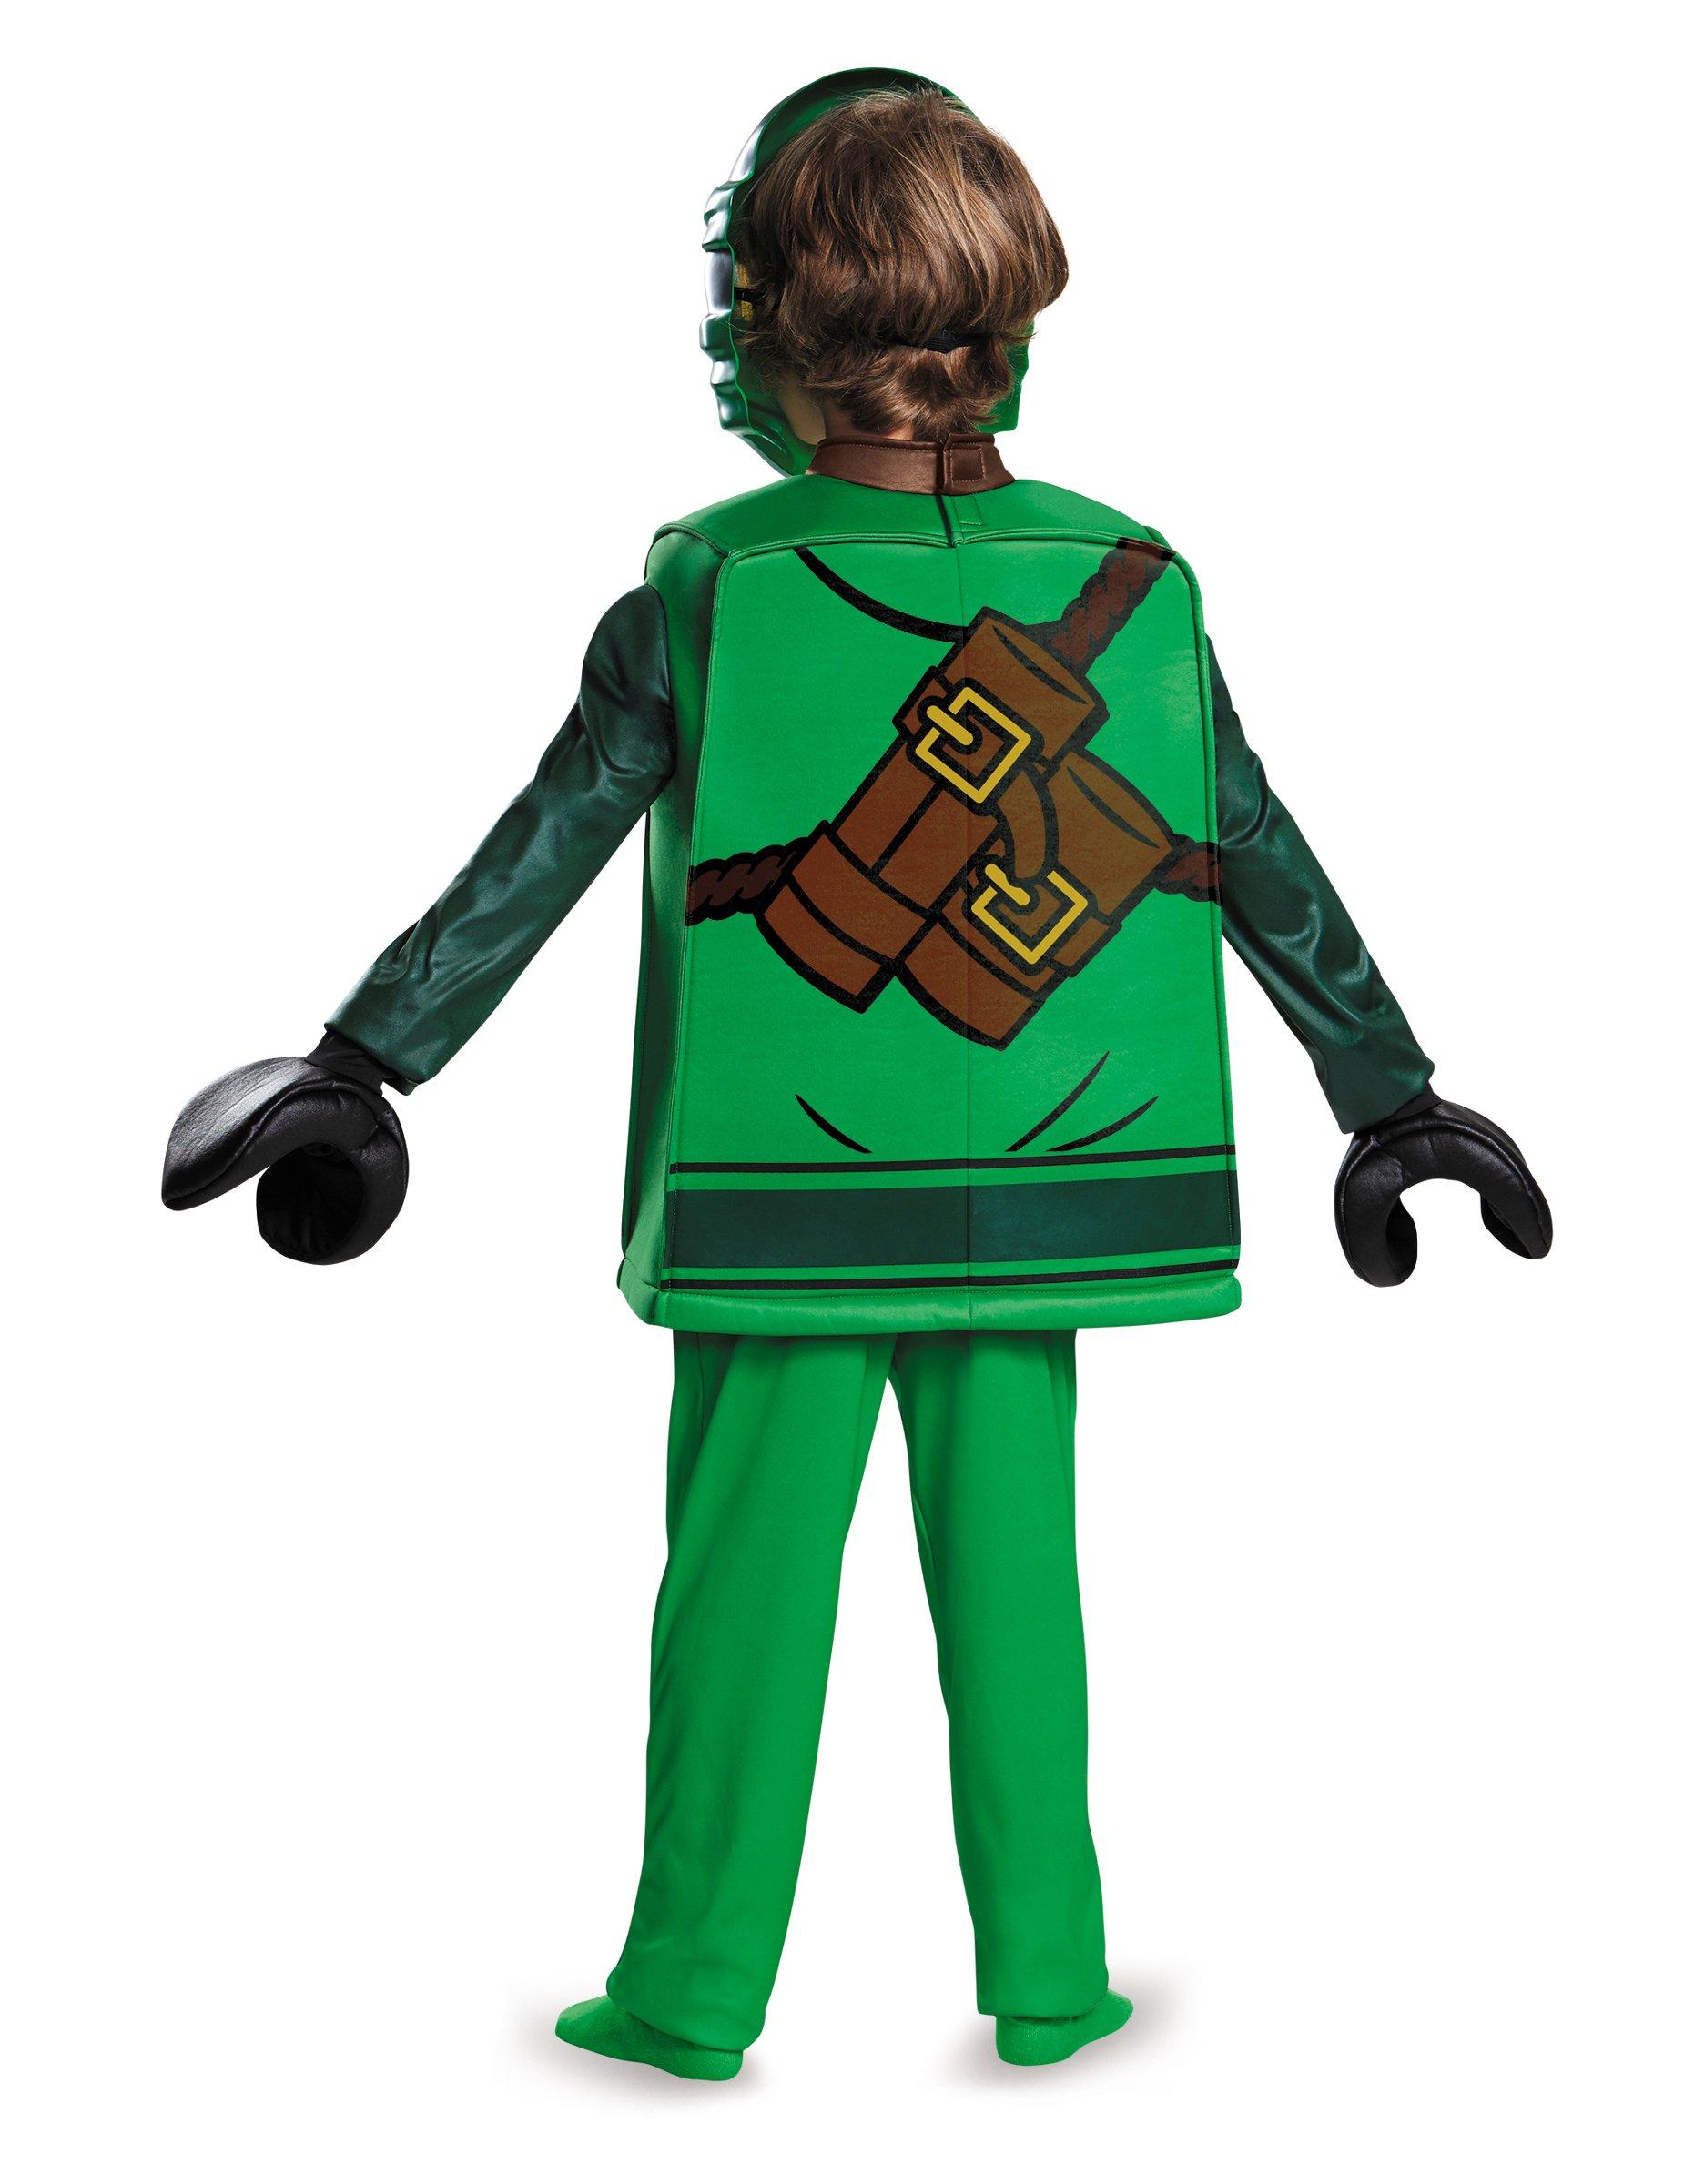 Hochwertiges lloyd ninjago kost m von lego - Ninjago lloyd ...